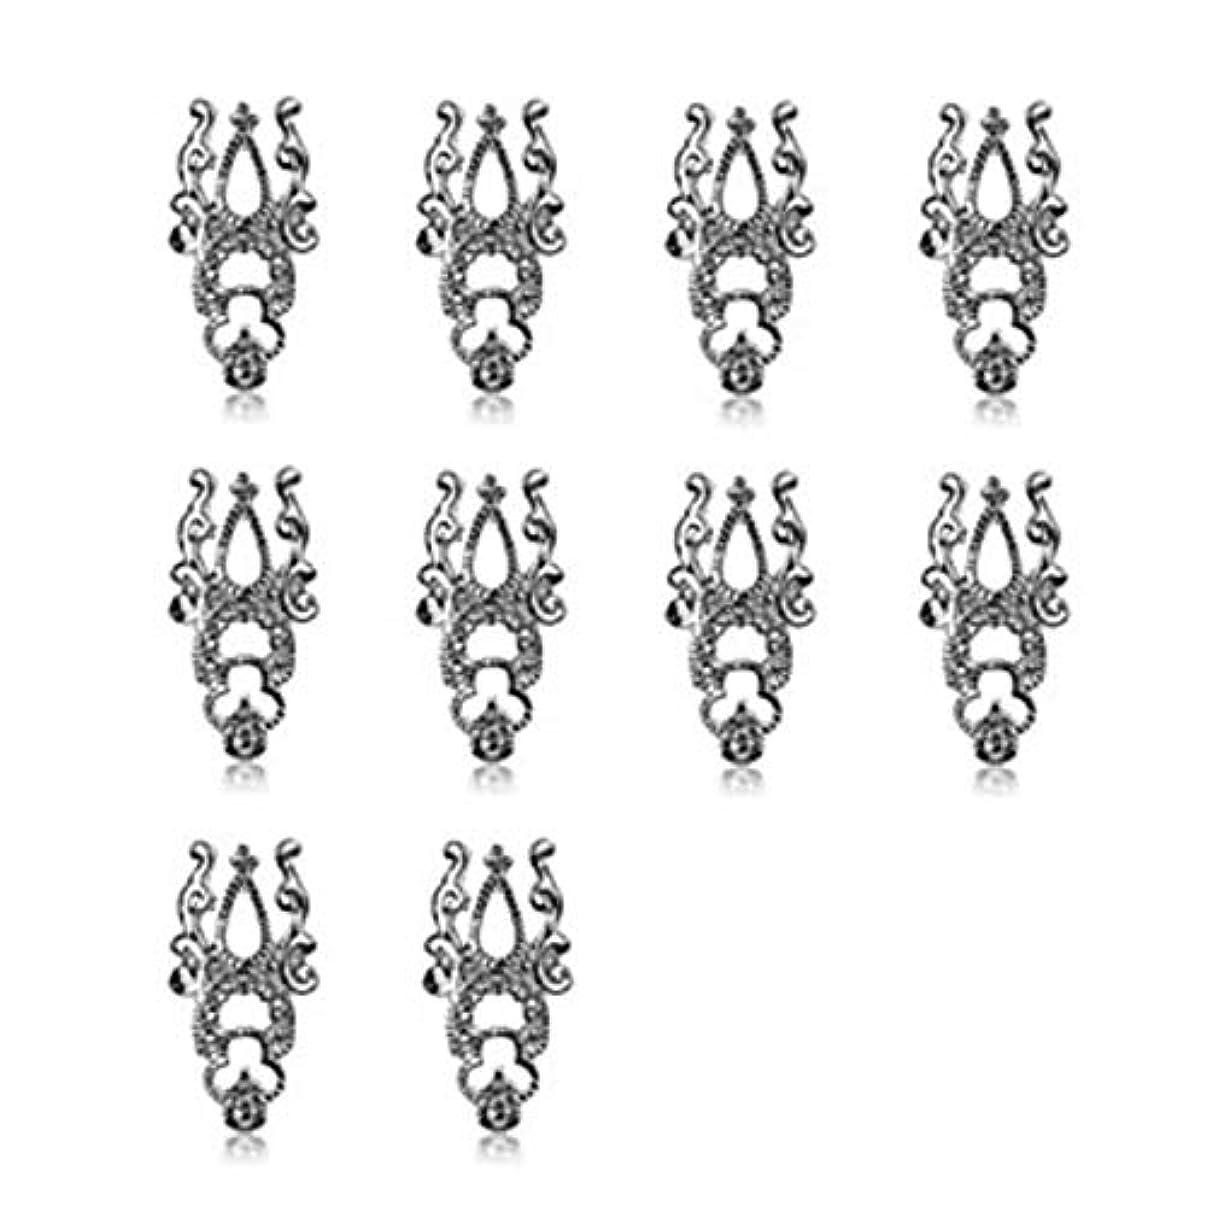 わかる化学バケツ10ピース3d中空ネイルアート合金のヒント装飾ジュエリーキラキララインストーン,Silver